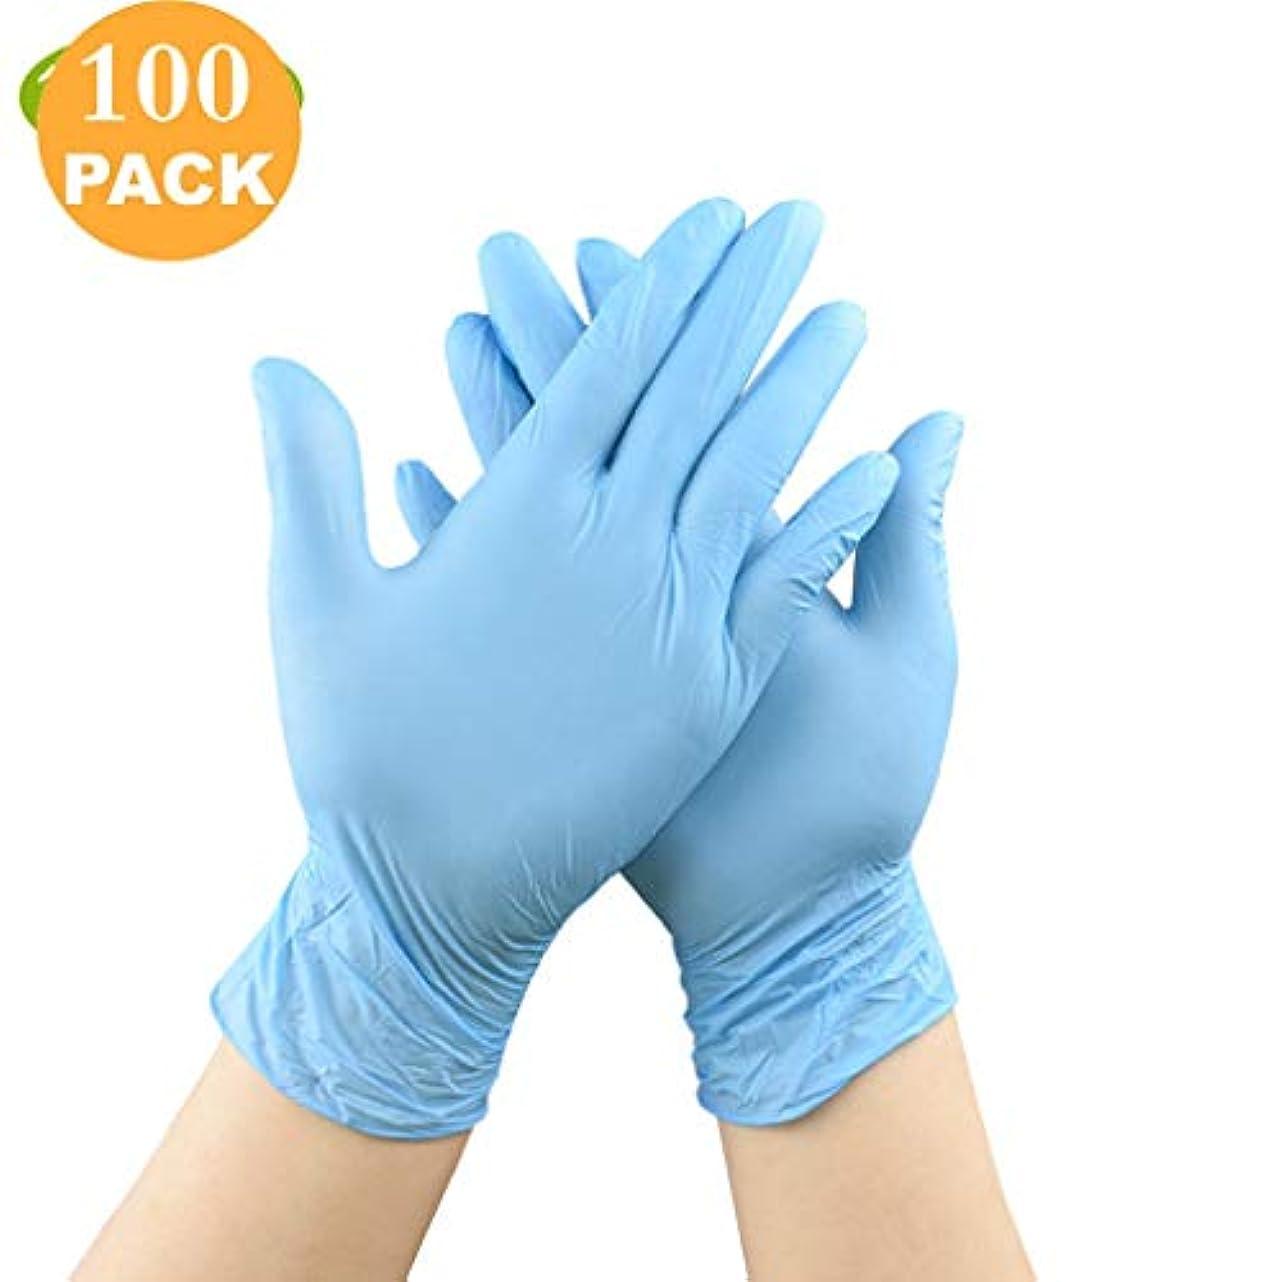 新着しっとりフィットニトリル使い捨てケータリングケータリング家事保護の食品用ゴム手袋ゴム手袋耐性-100パーボックス (Color : Blue, Size : L)